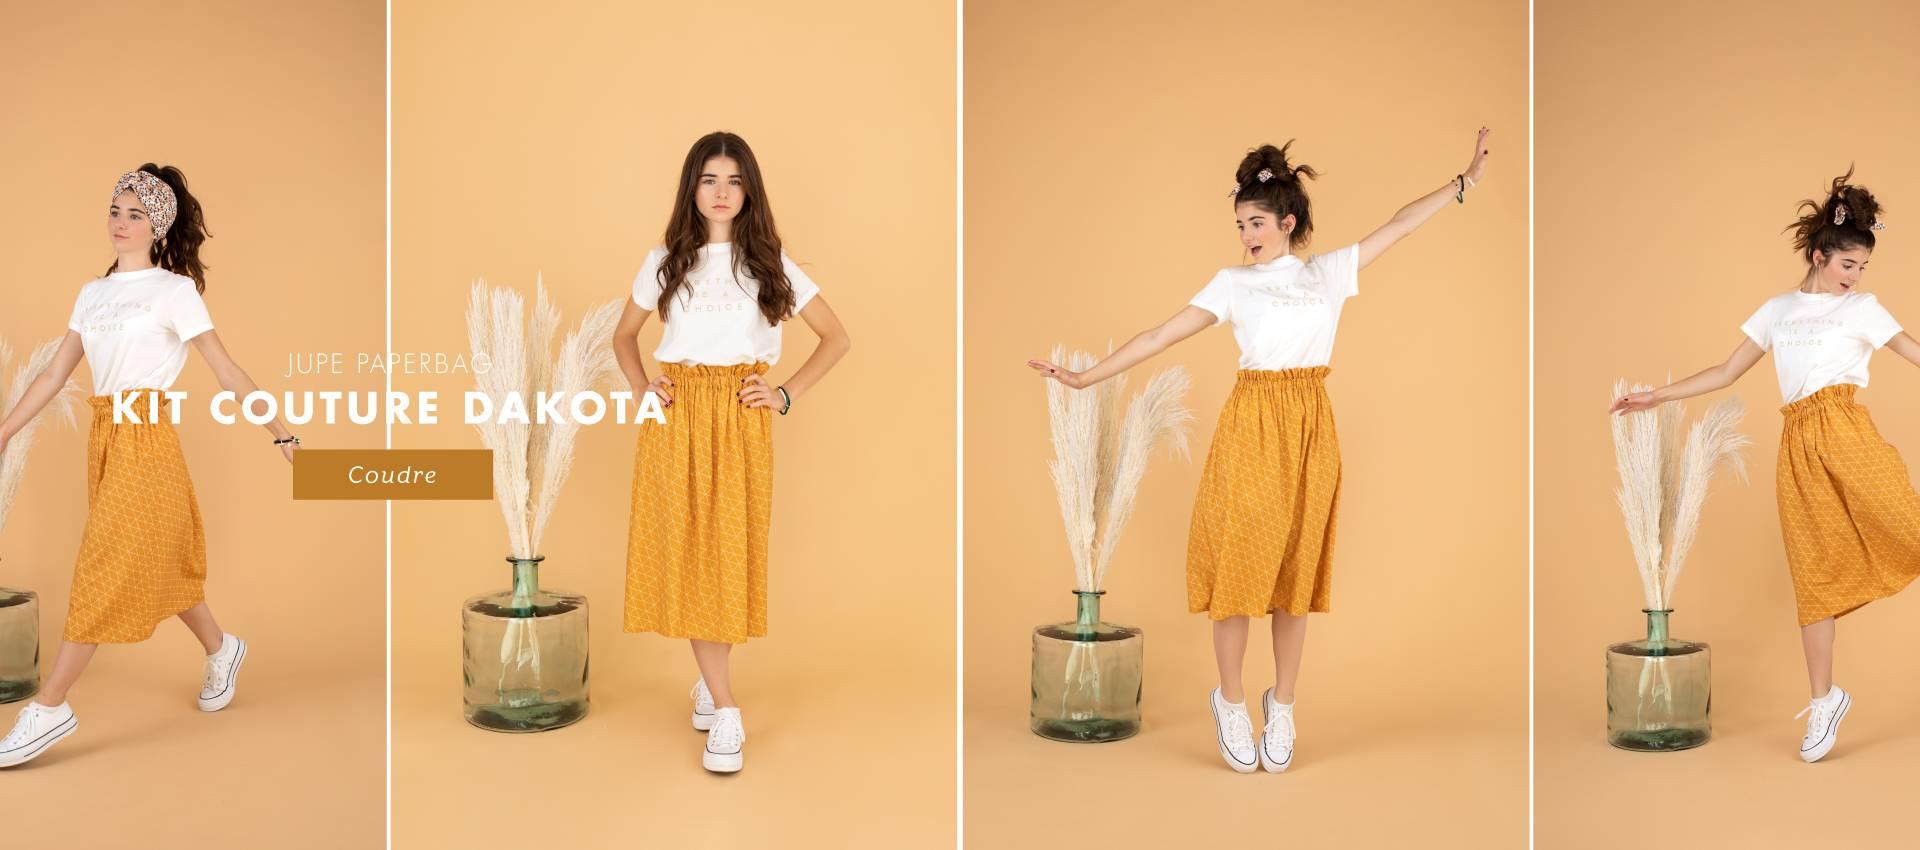 Dakota : le kit pour coudre et porter ton premier vêtement handmade !